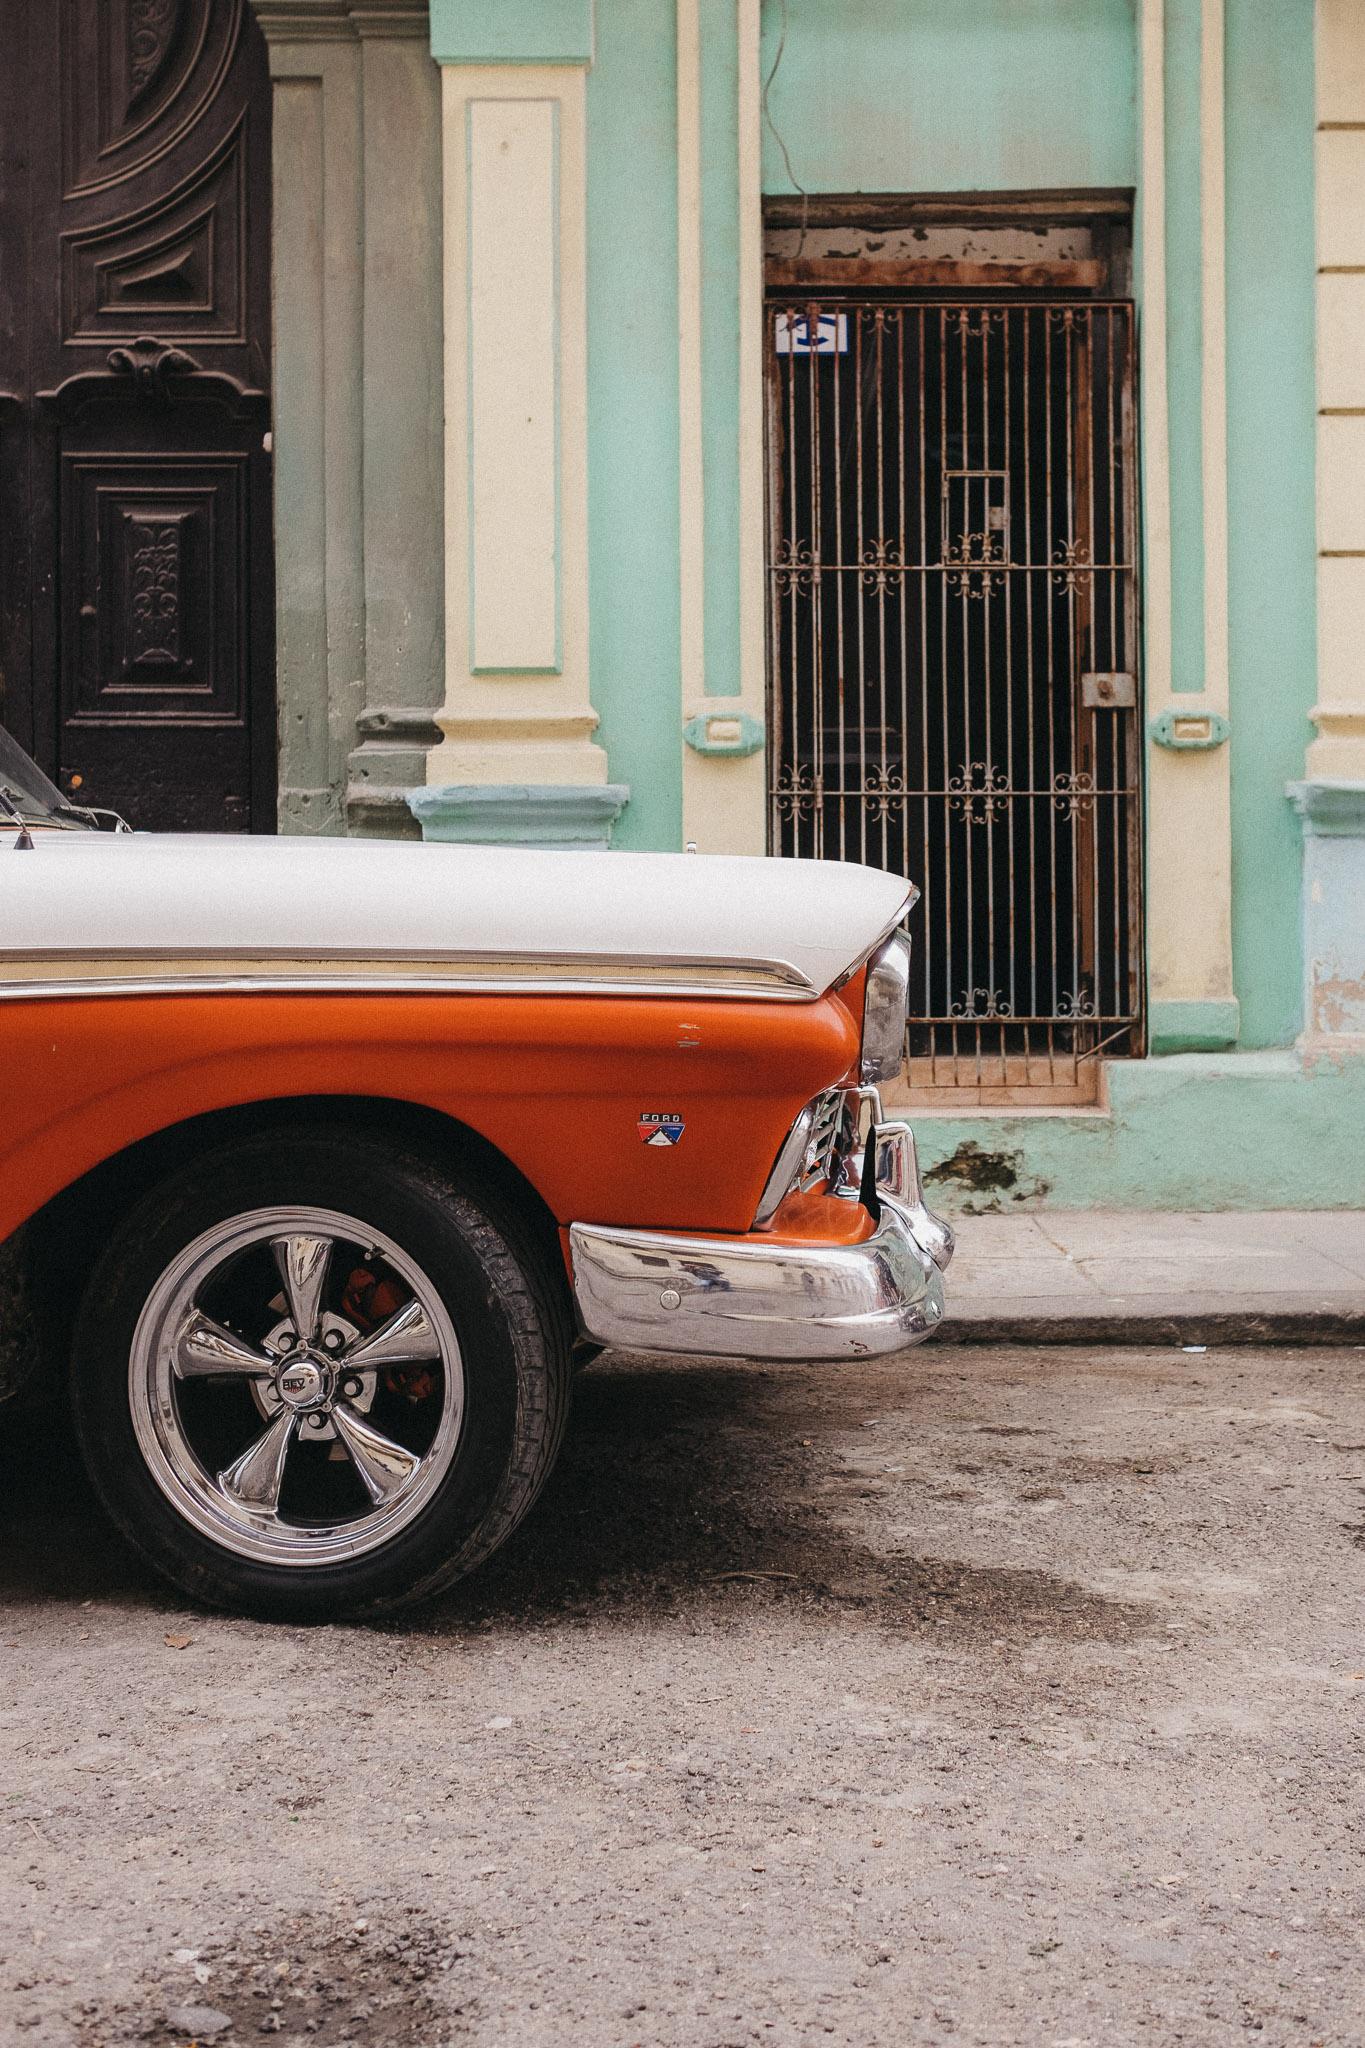 Cuba-2017-12-Havana-0328.jpg